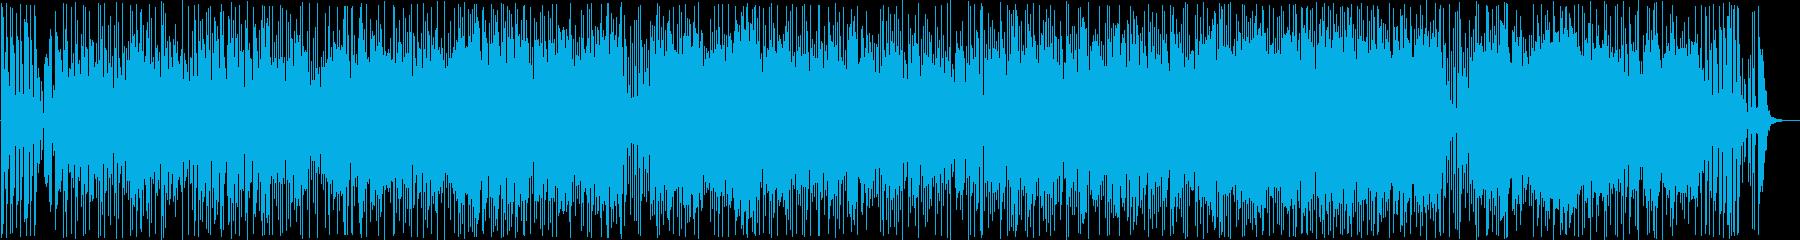 弾むように楽しげなボサノヴァ曲の再生済みの波形